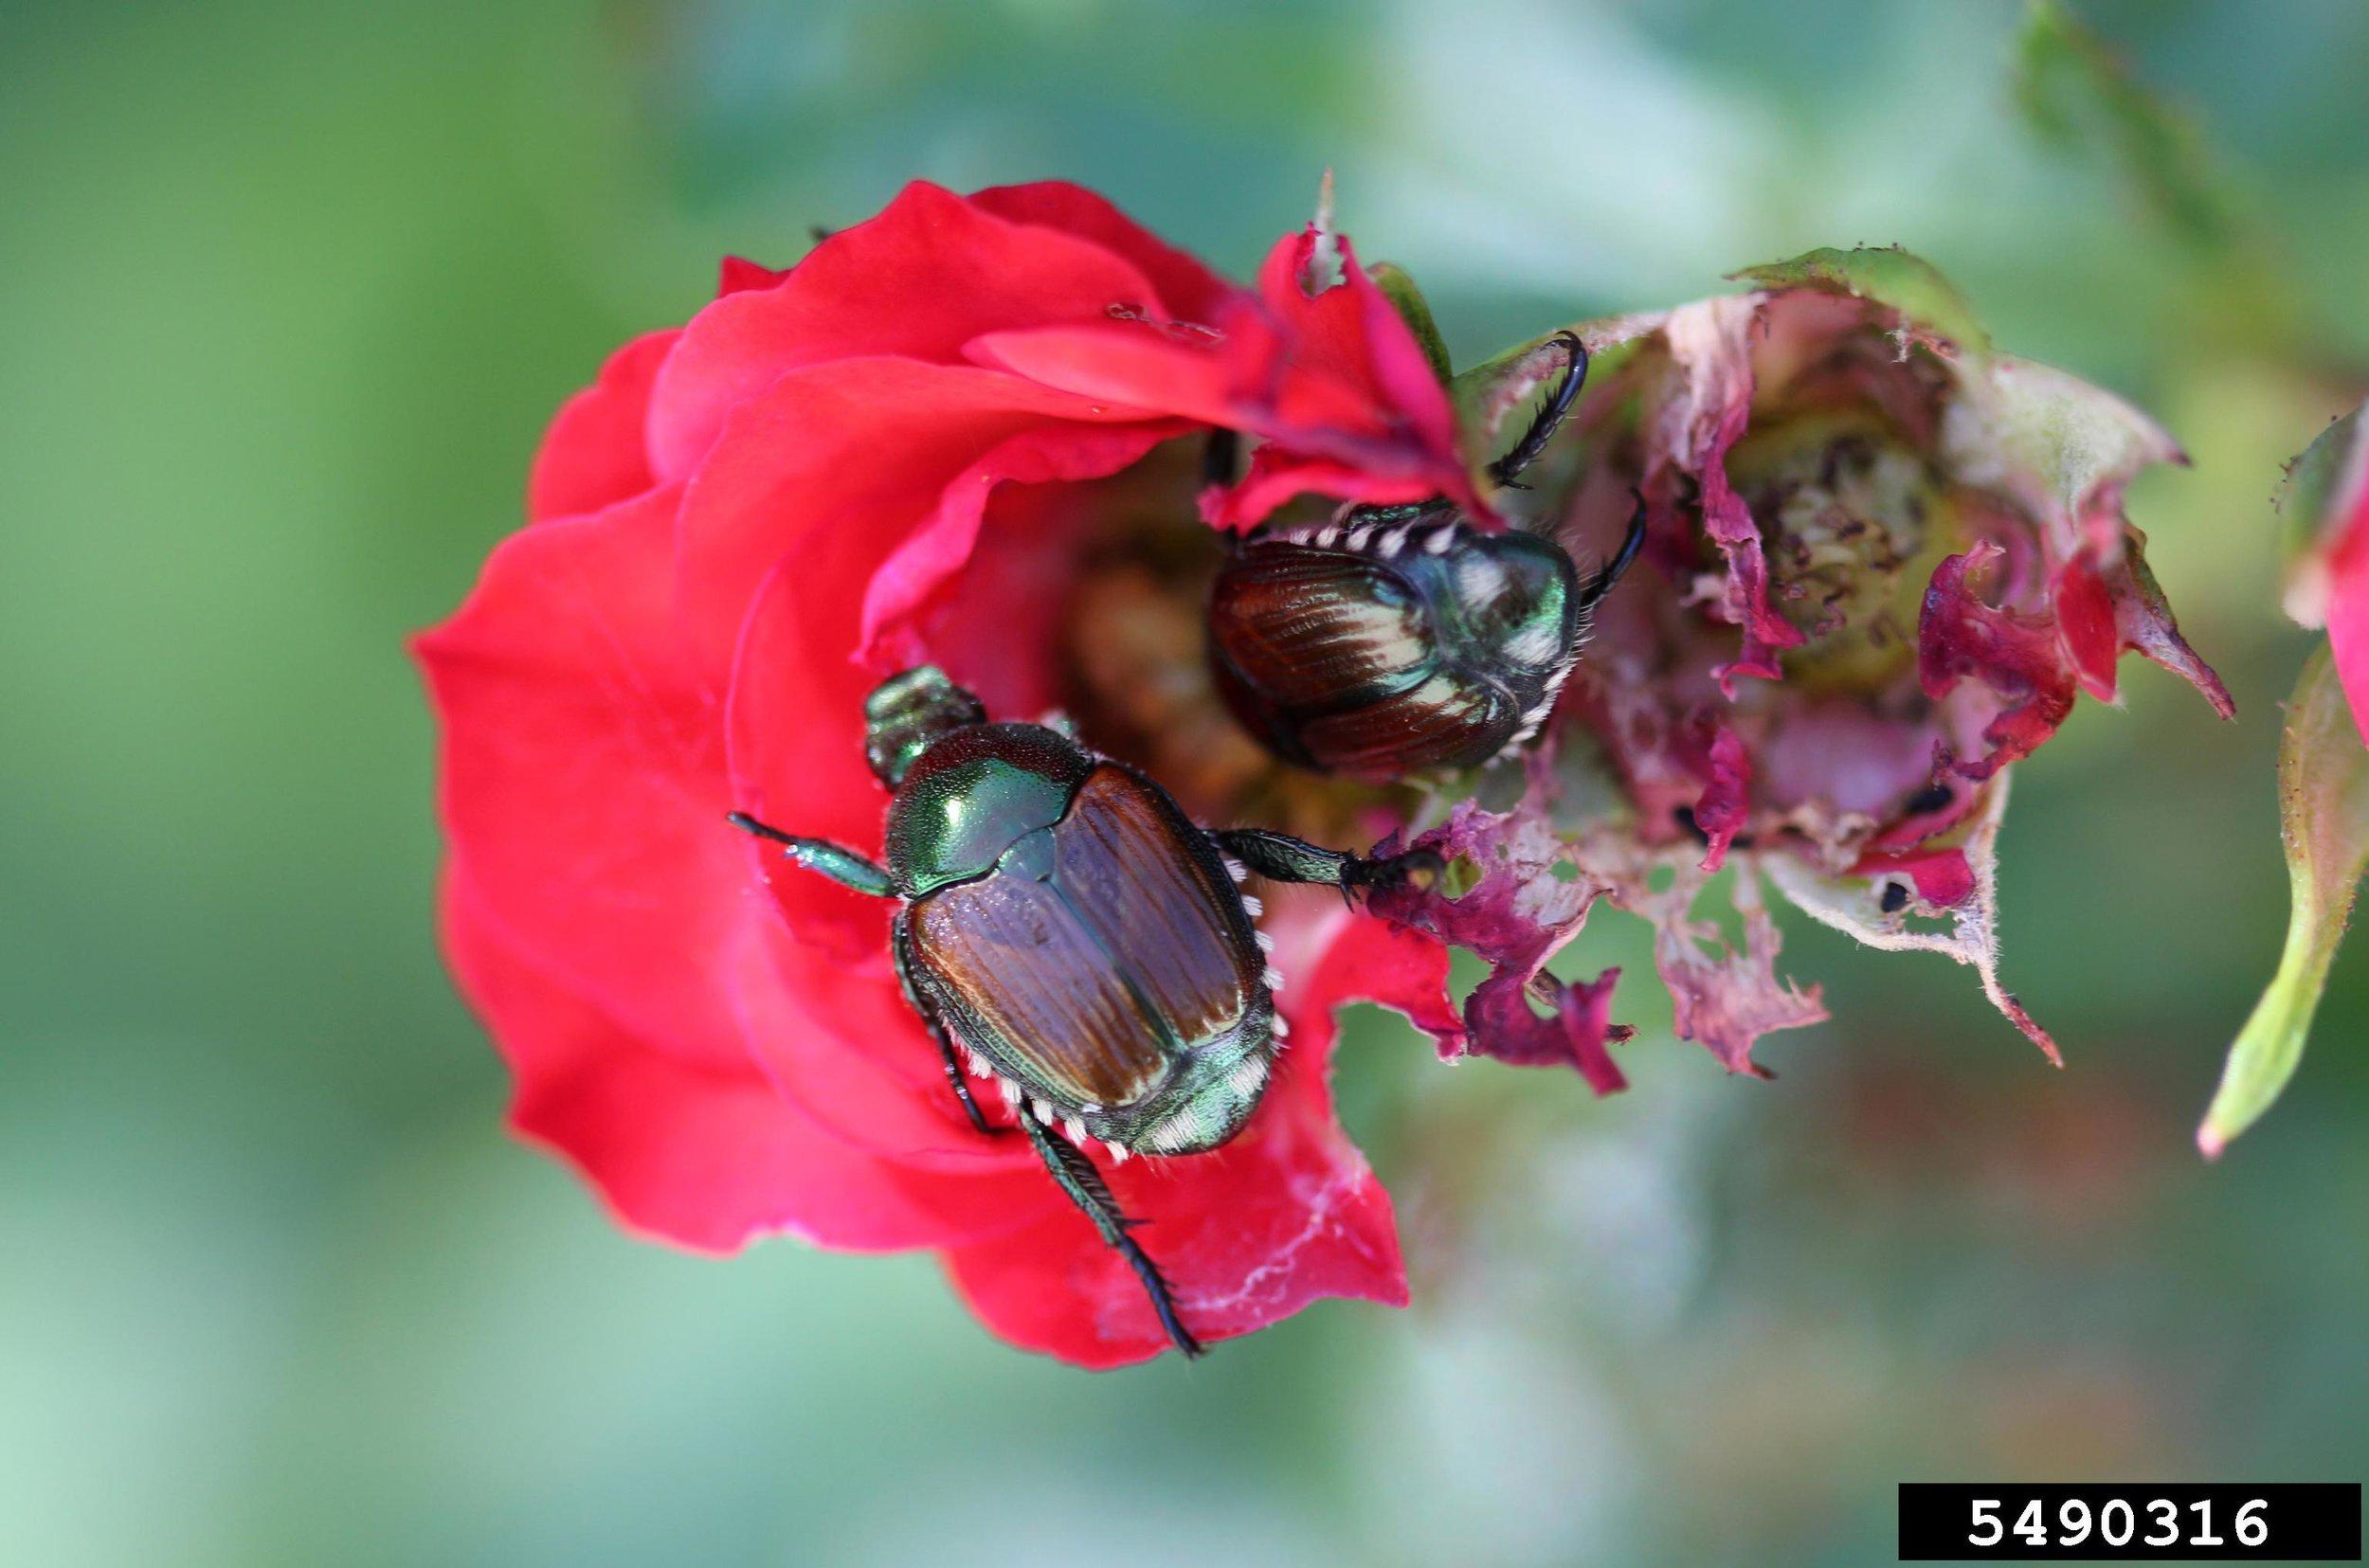 Figure 13: Adult Japanese beetles feeding on roses. Credit: Whitney Cranshaw, Bugwood.org